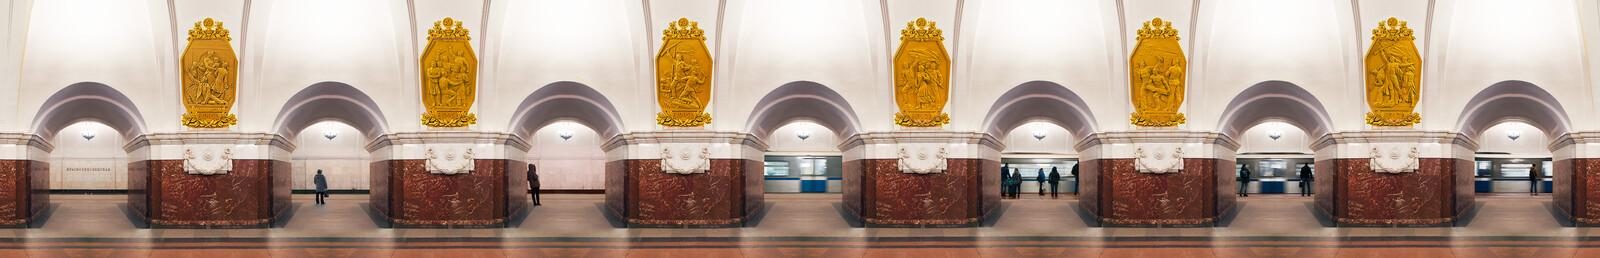 Moscow, Krasnopresnenskaya, Circle Line - Larry Yust